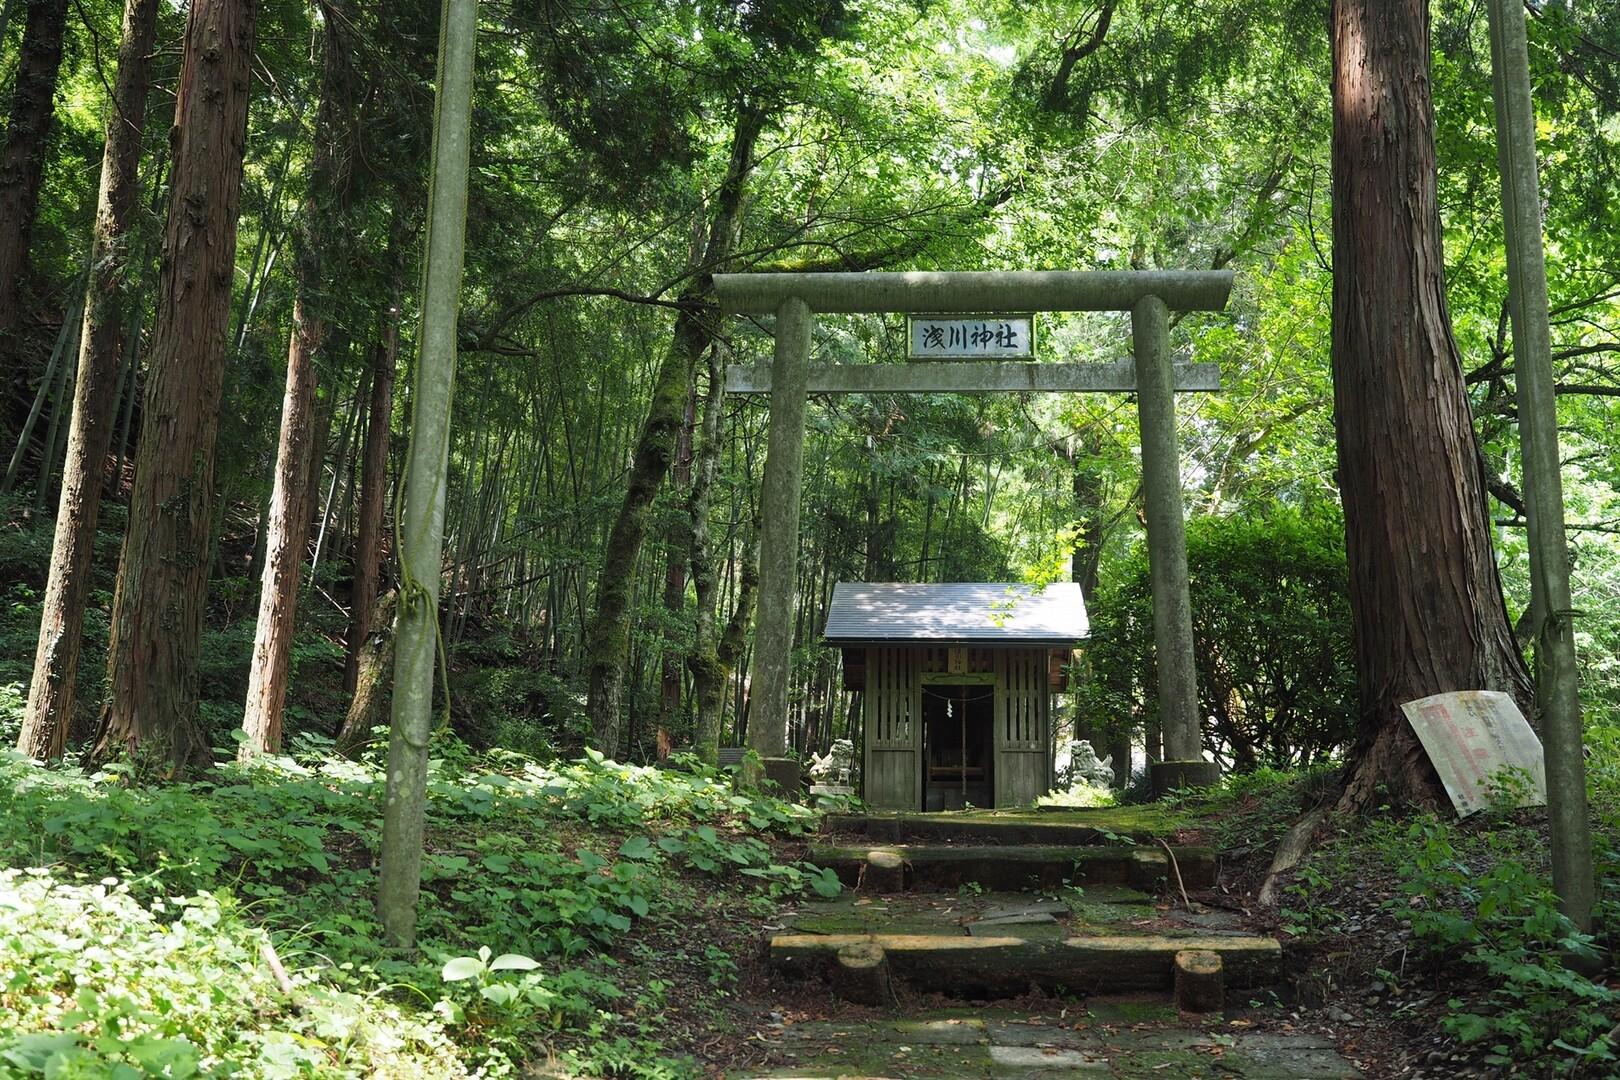 小仏バス停で降りてすぐの浅川神社で安全祈願。<br> <br> 別に神様信じちゃいないけど、なぜか寄って挨拶してしまう。<br> <br> 自分への確認みたいな。